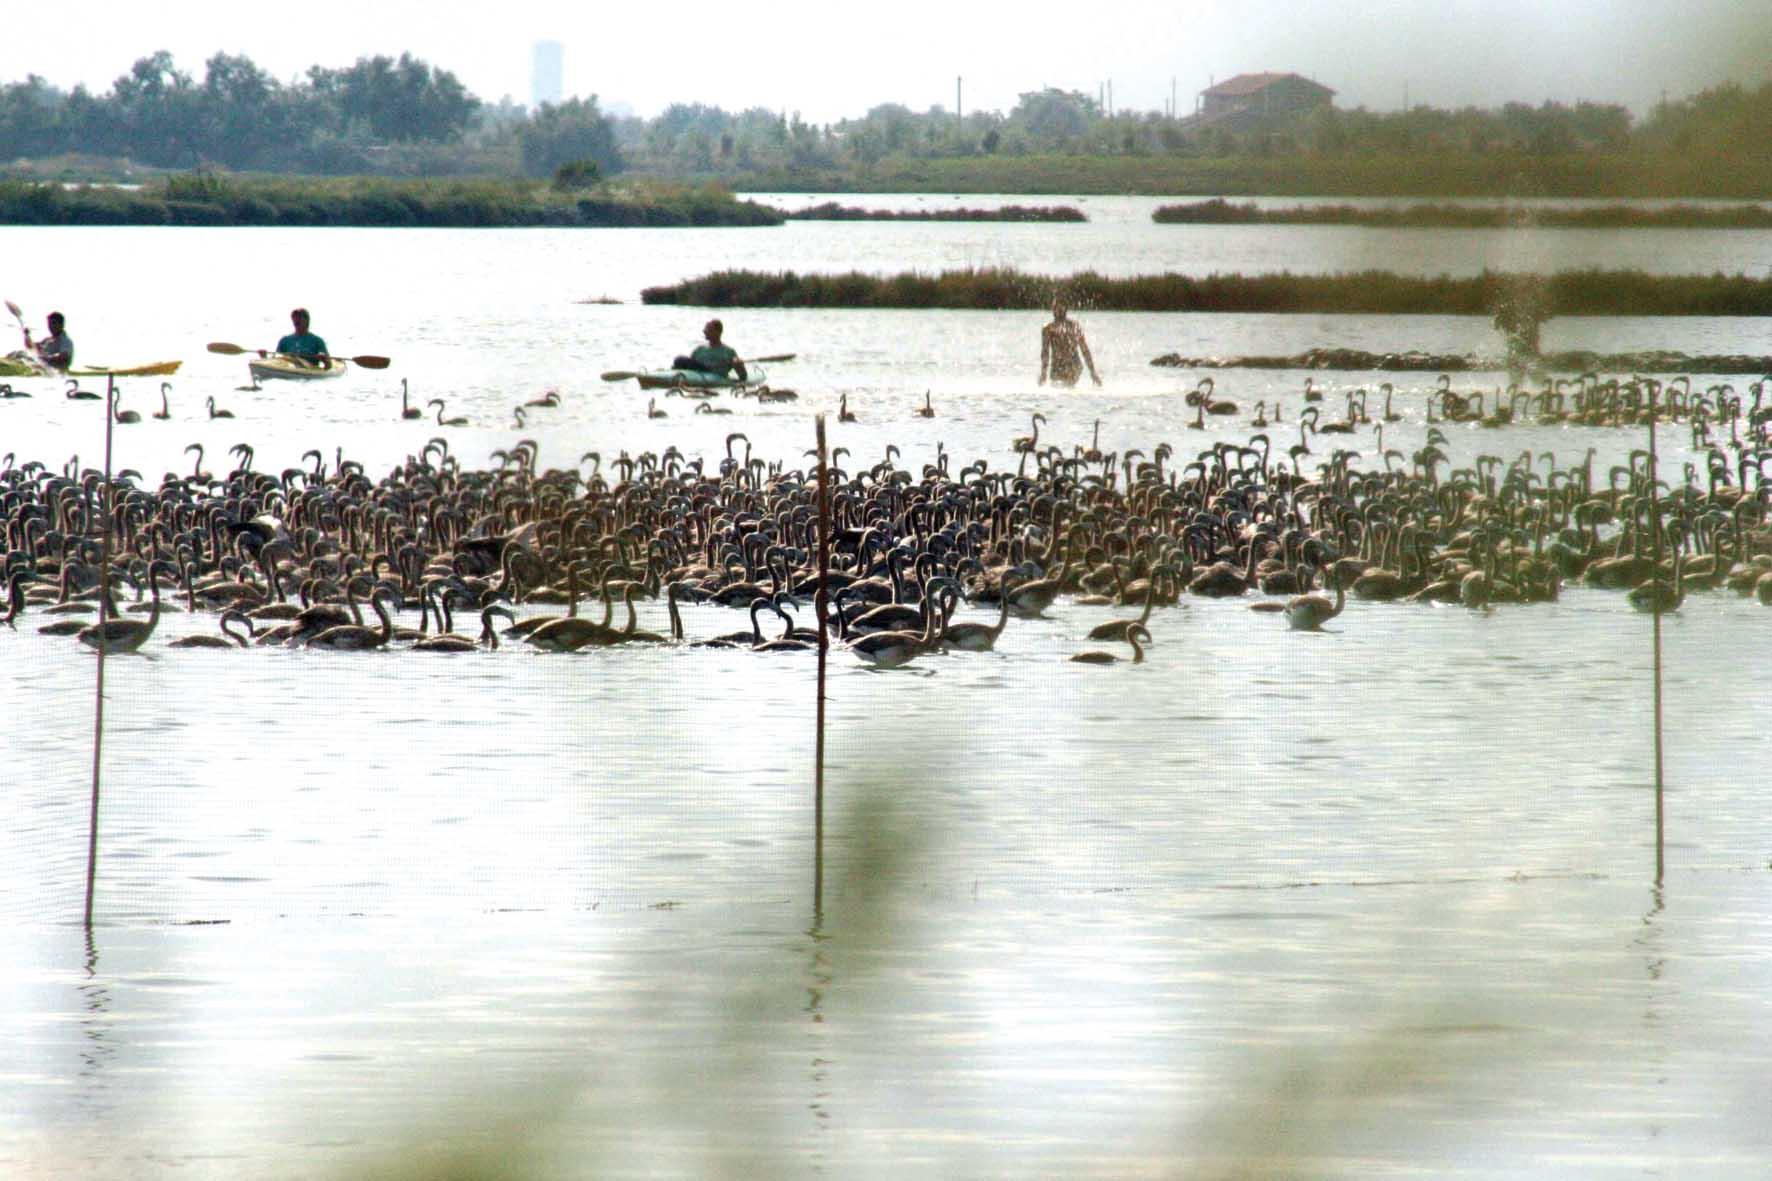 laguna venezia fenicotteri 1